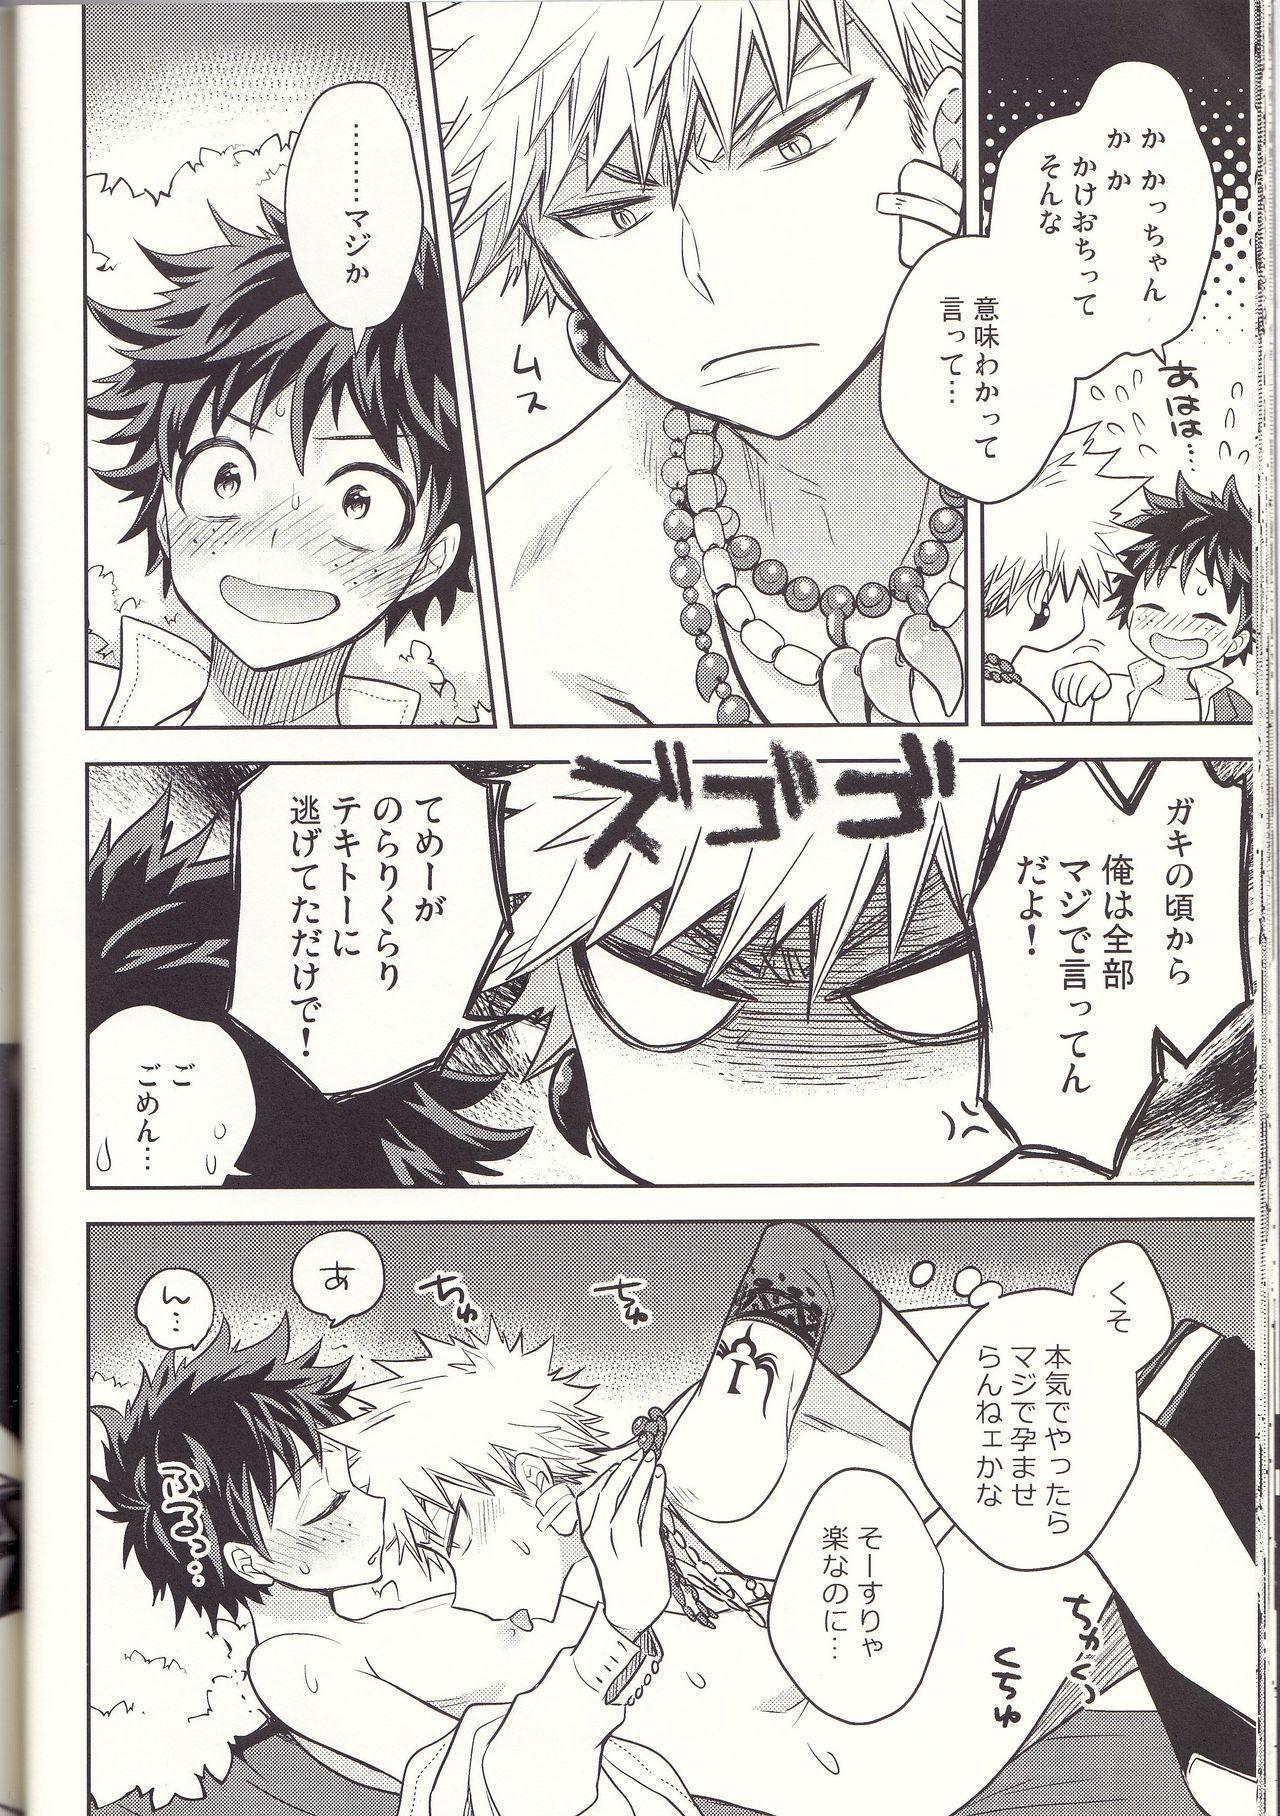 Akatsuki no Agito 24